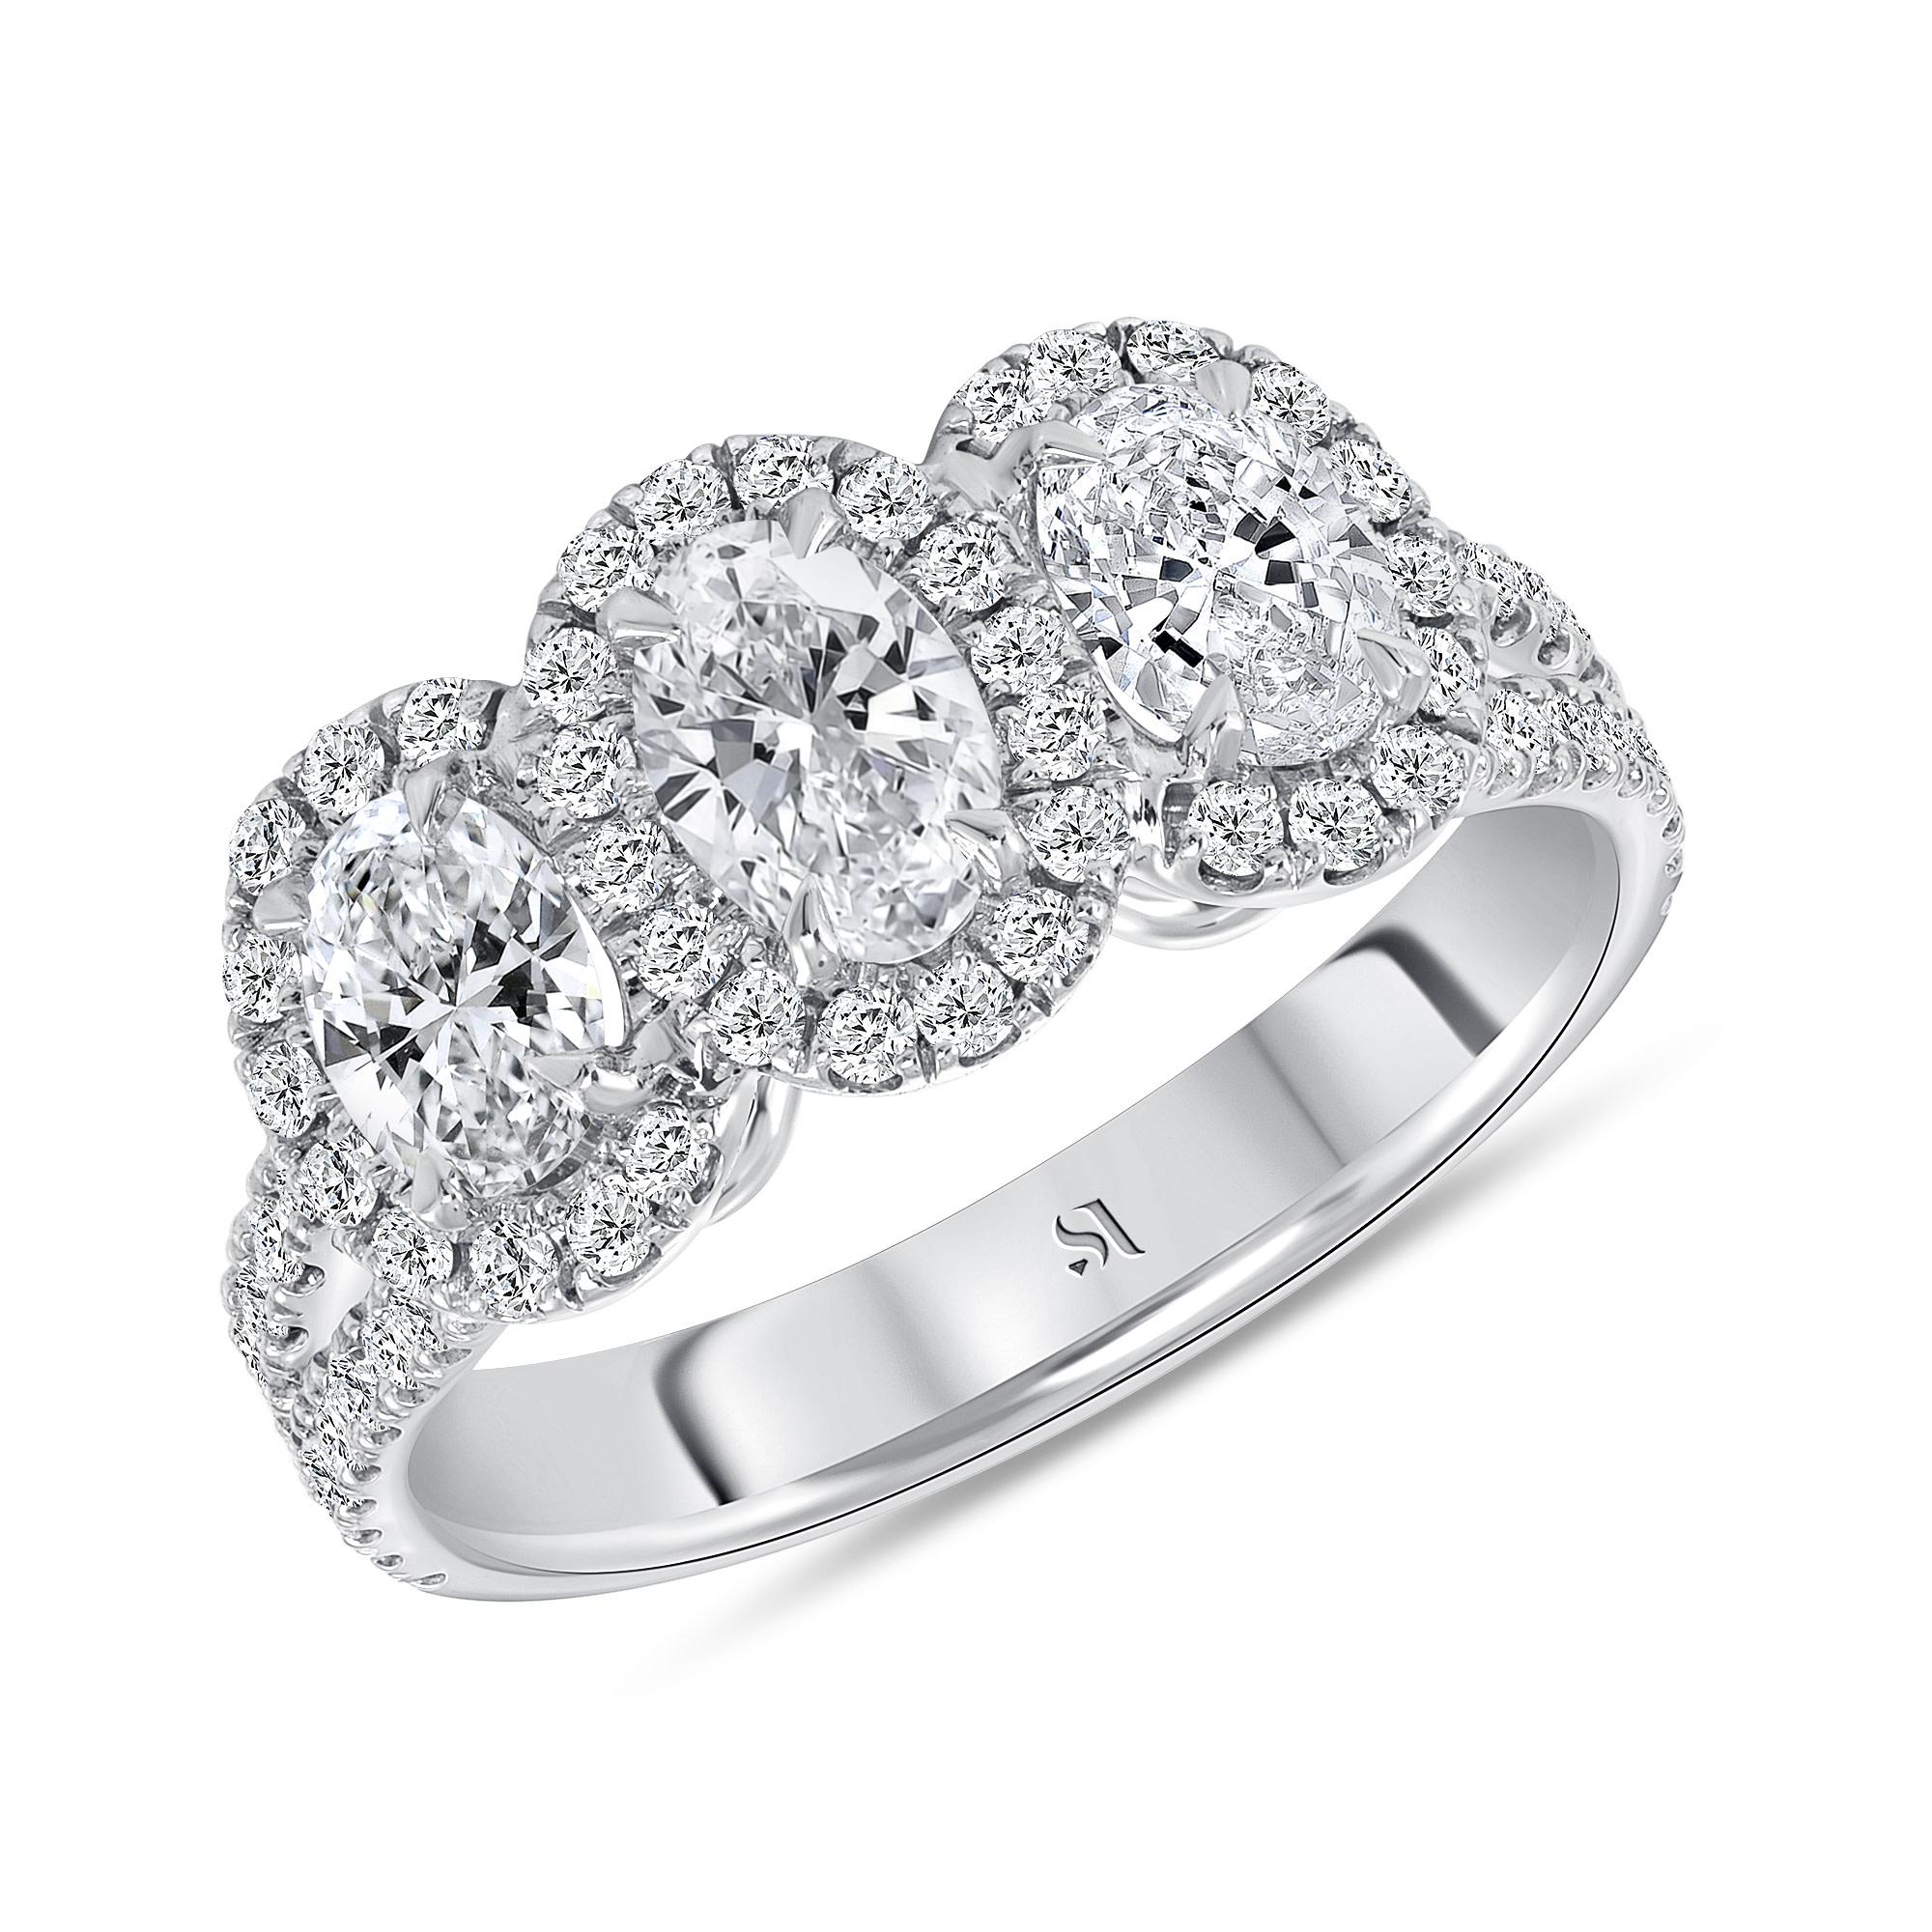 3 stone halo engagement ring white gold